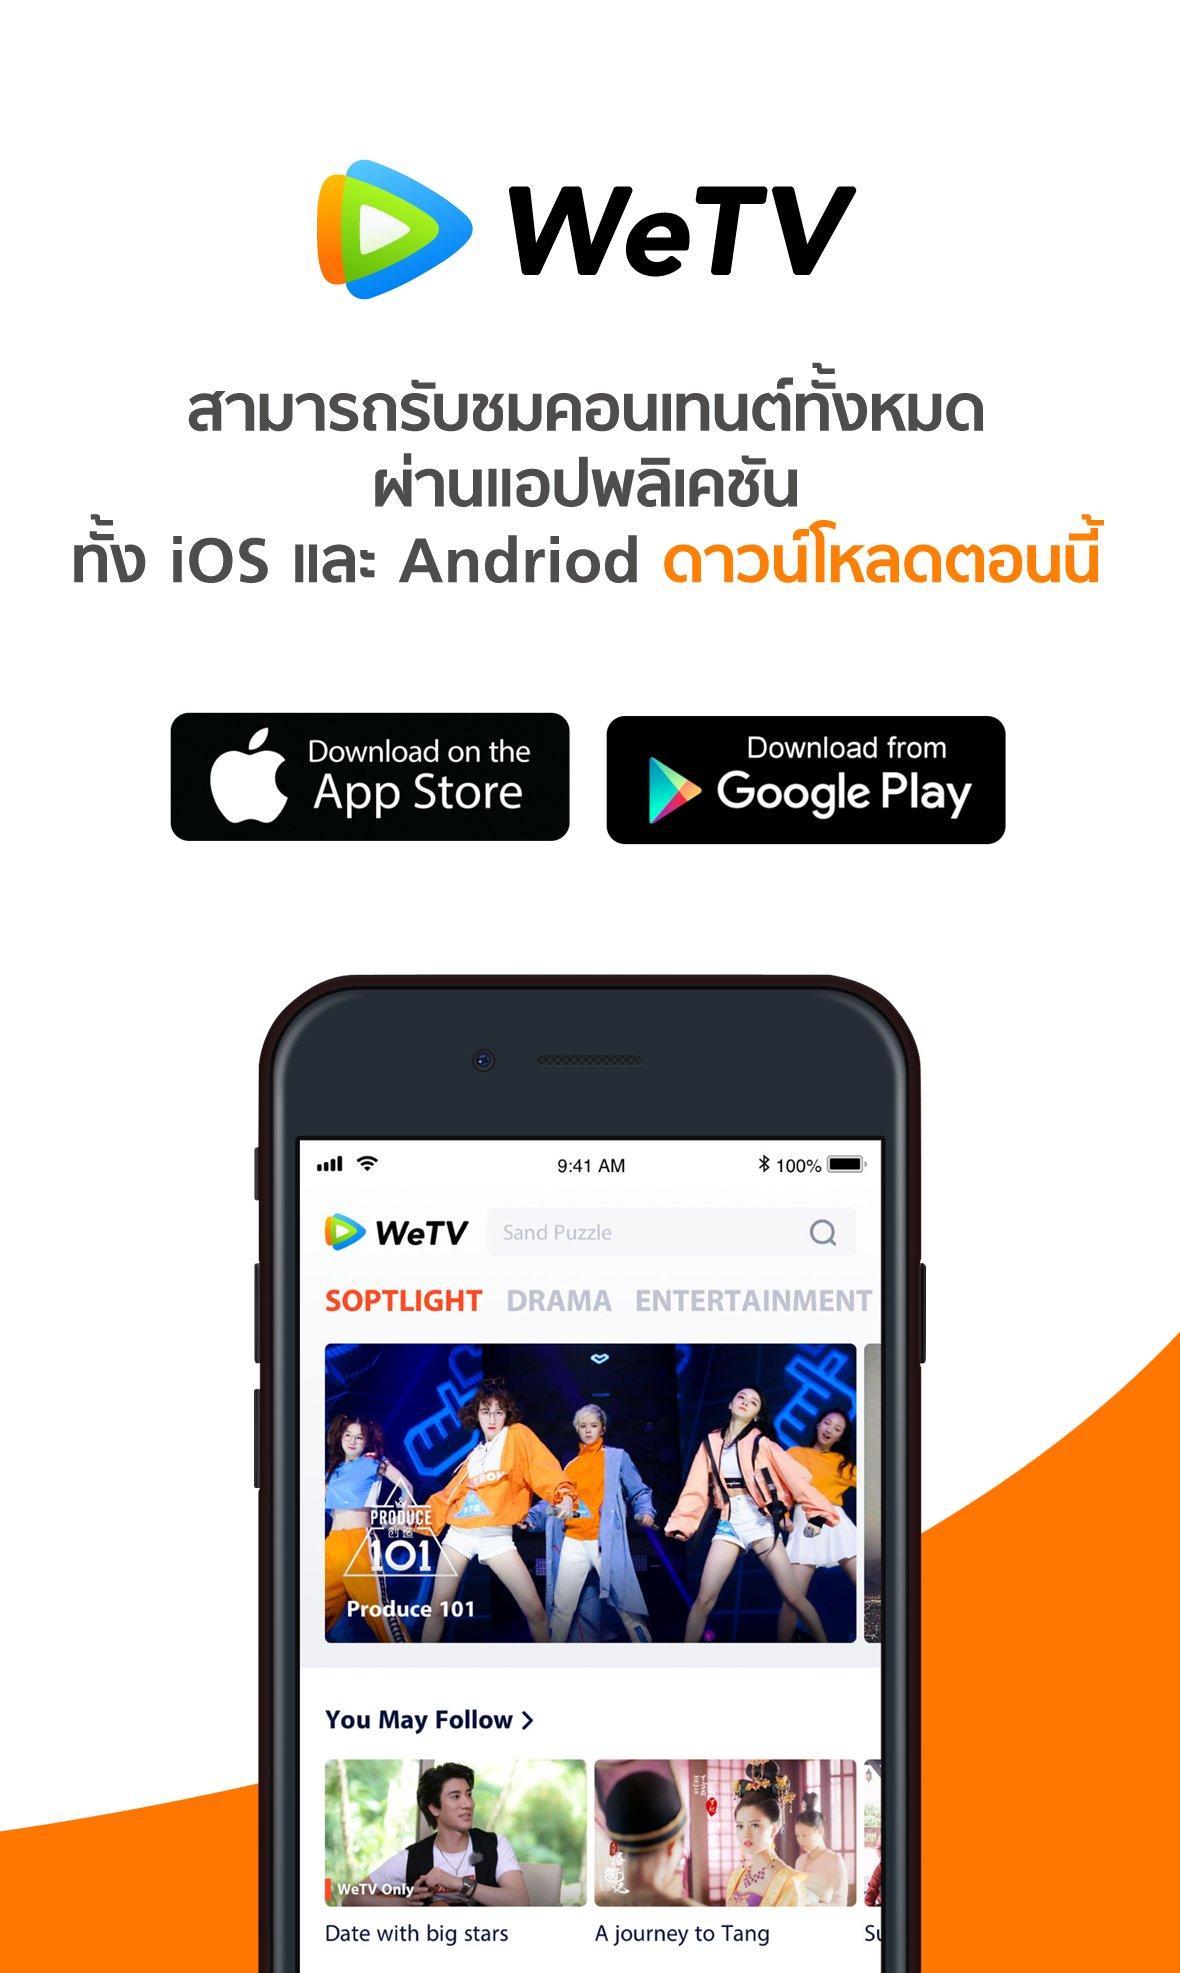 wetv-mobile.jpg